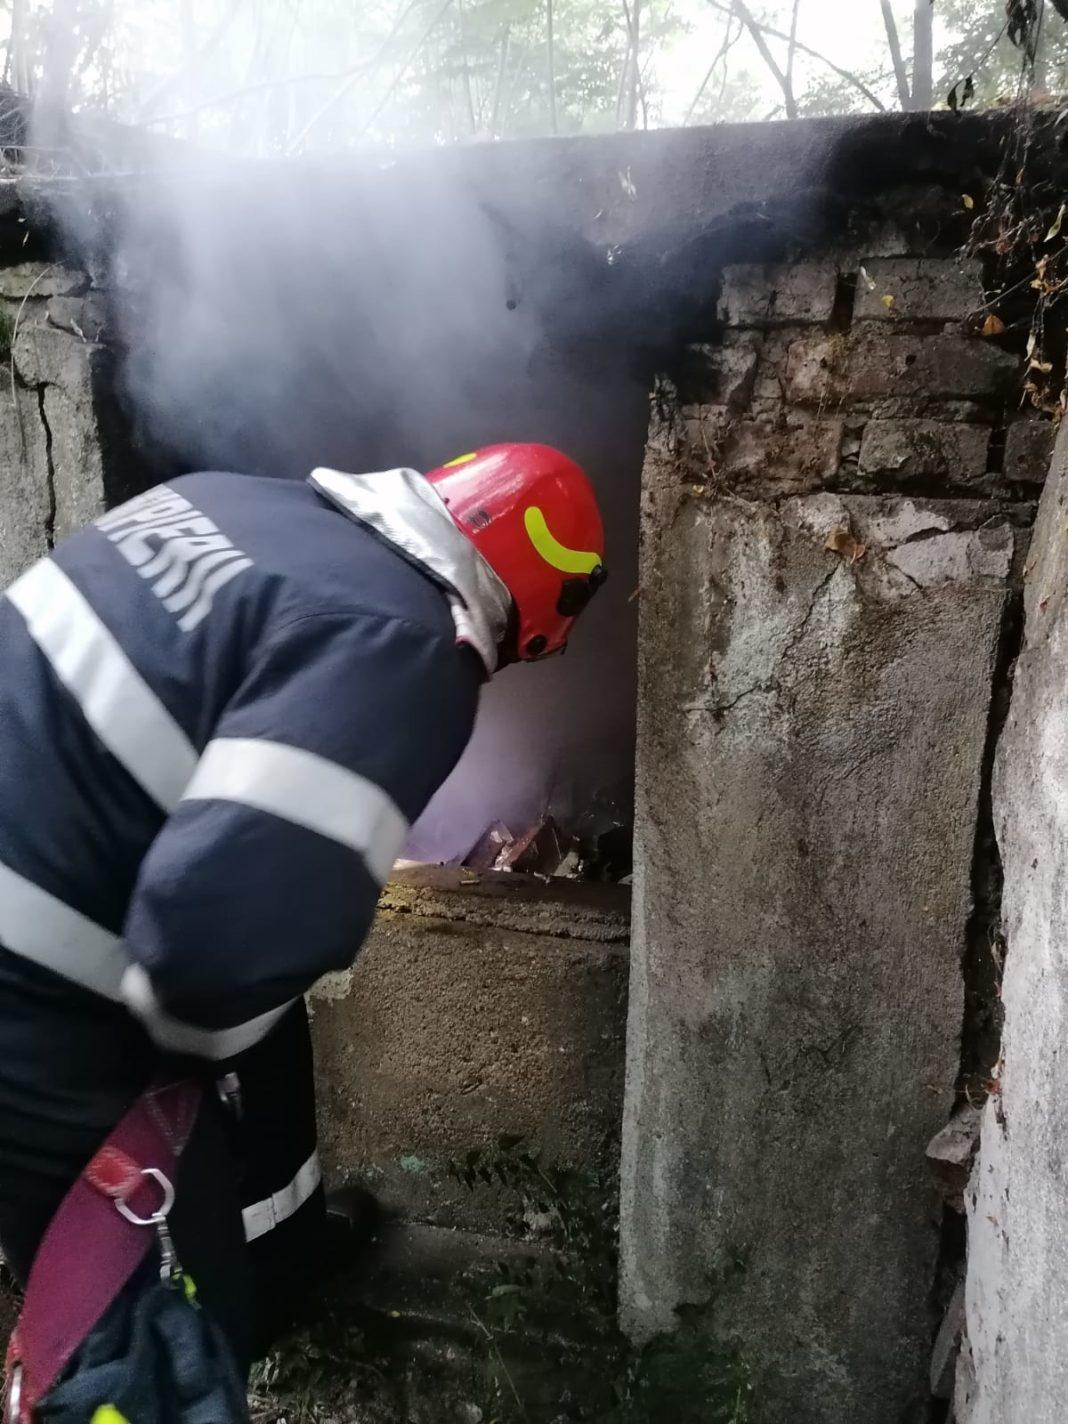 Pompierii mehedințeni au intervenit cu două autospeciale cu apă și spumă pentru stingerea unui incendiu izbucnit la o clădire părăsită